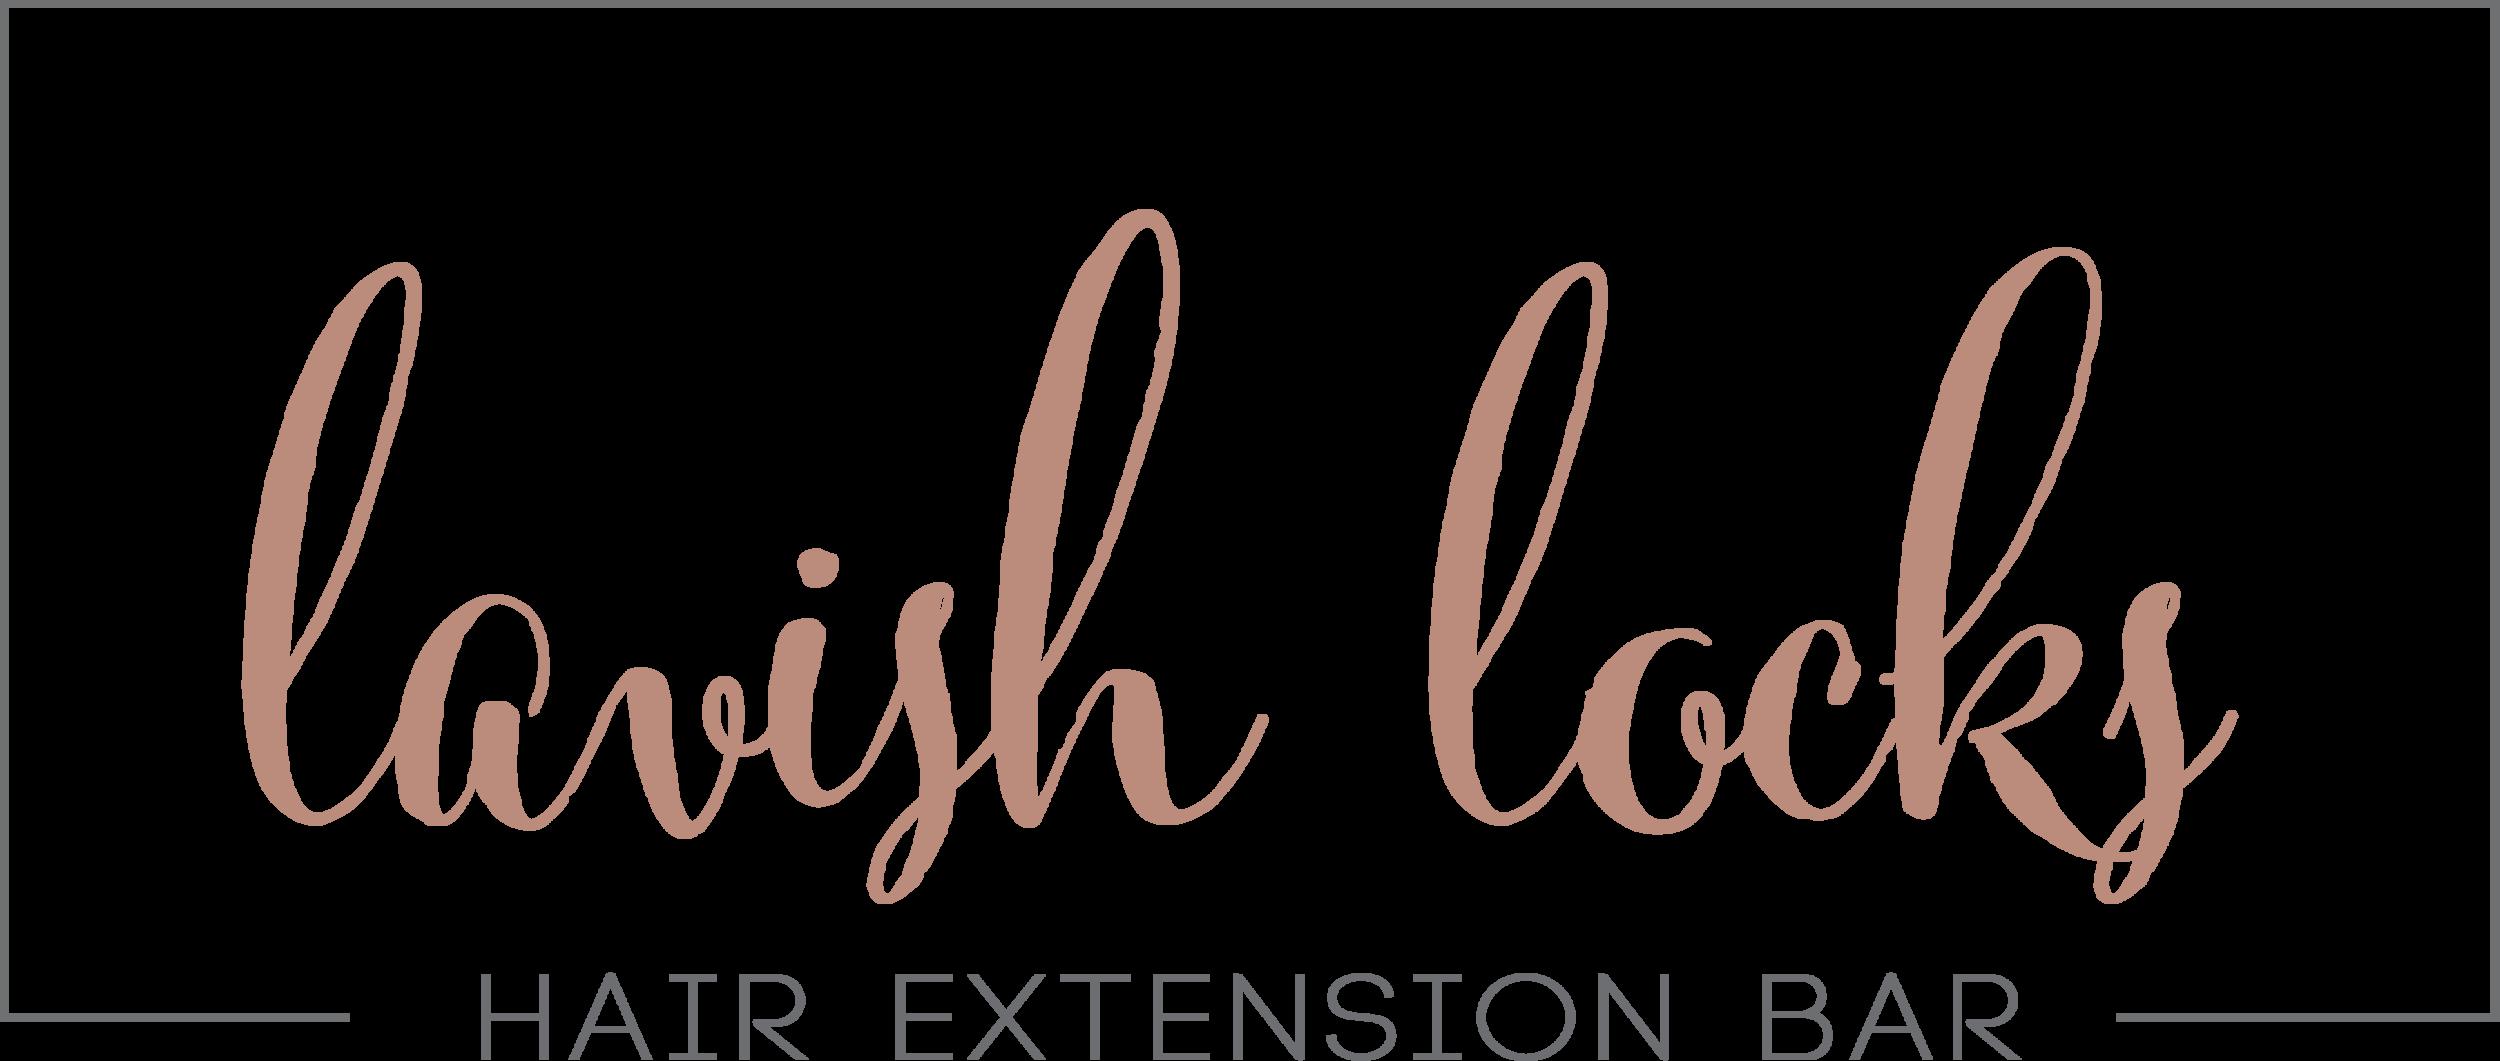 new hair extension bar logo main.png